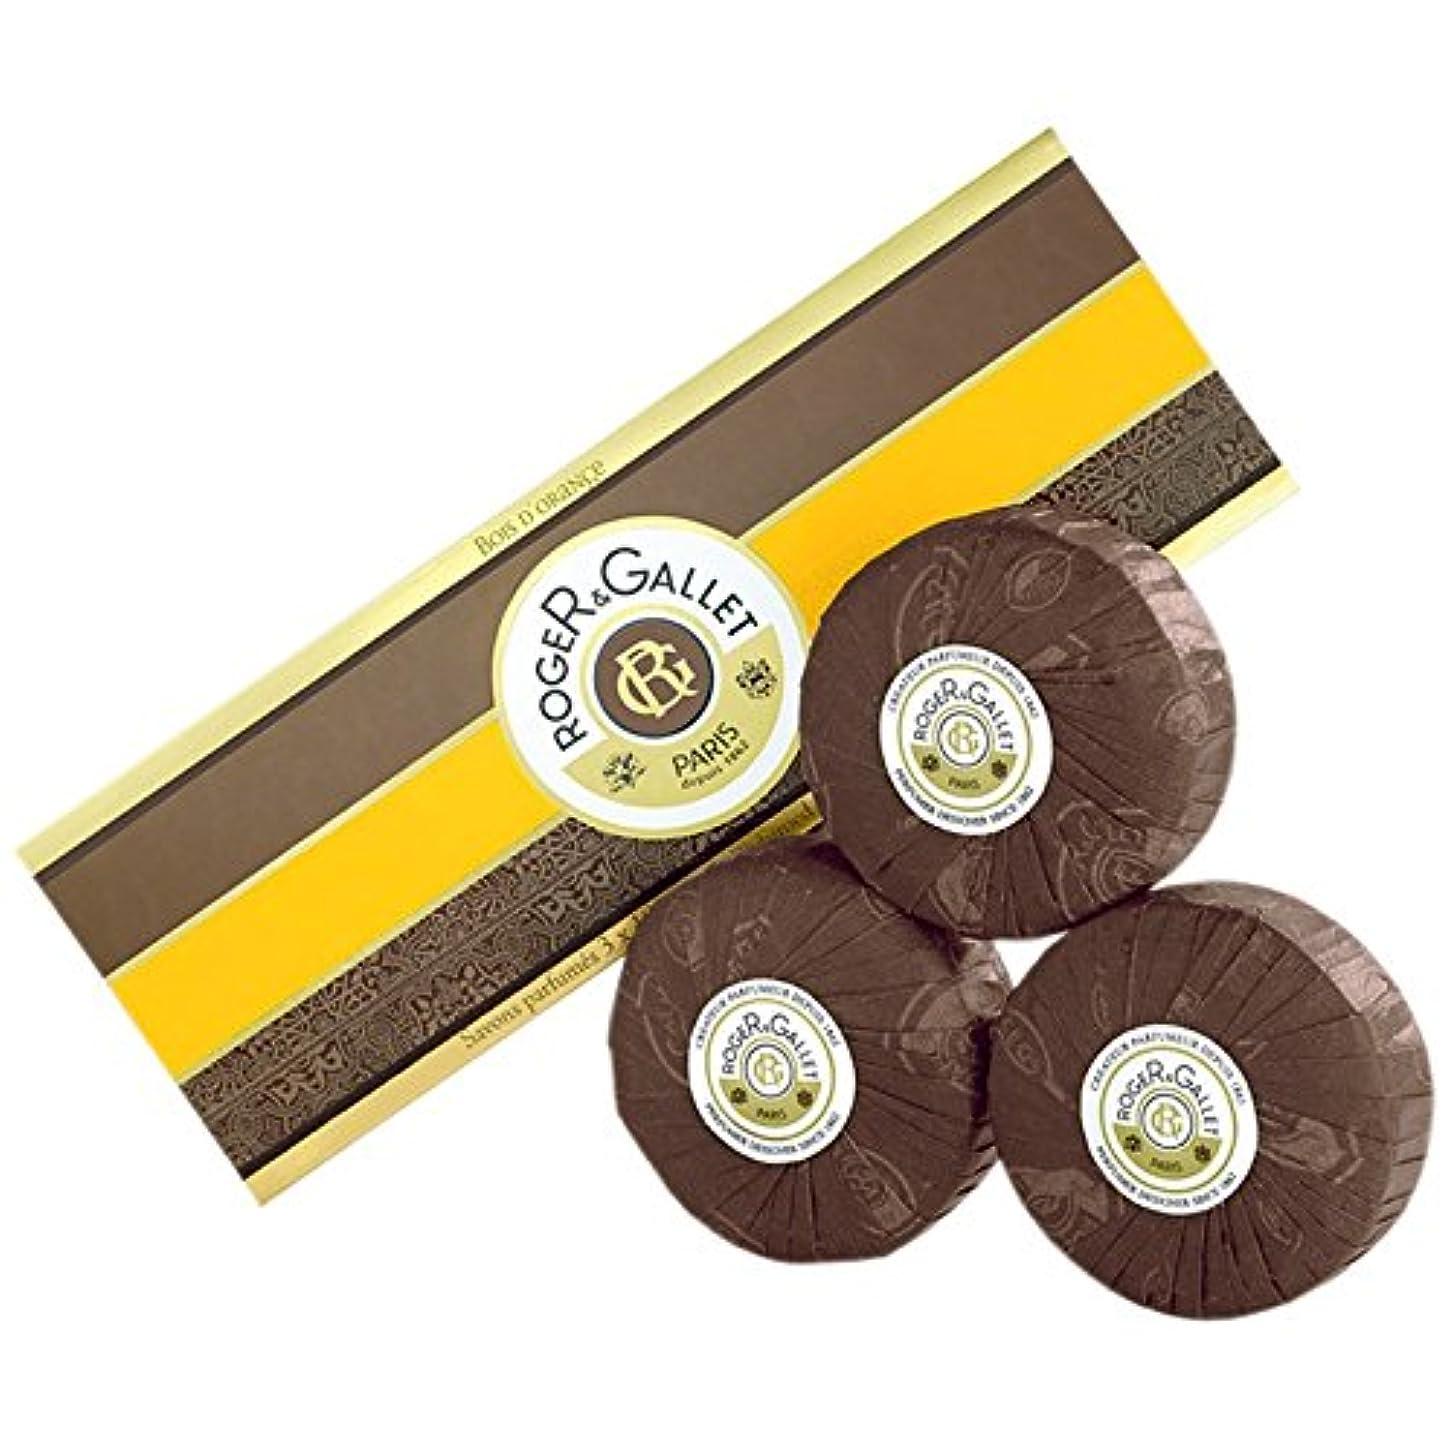 金銭的な加入赤字ロジャー&GalletのBoisのドールオレンジソープ3つのX 100グラム (Roger & Gallet) - Roger & Gallet Bois D'Orange Soap 3 x 100g [並行輸入品]